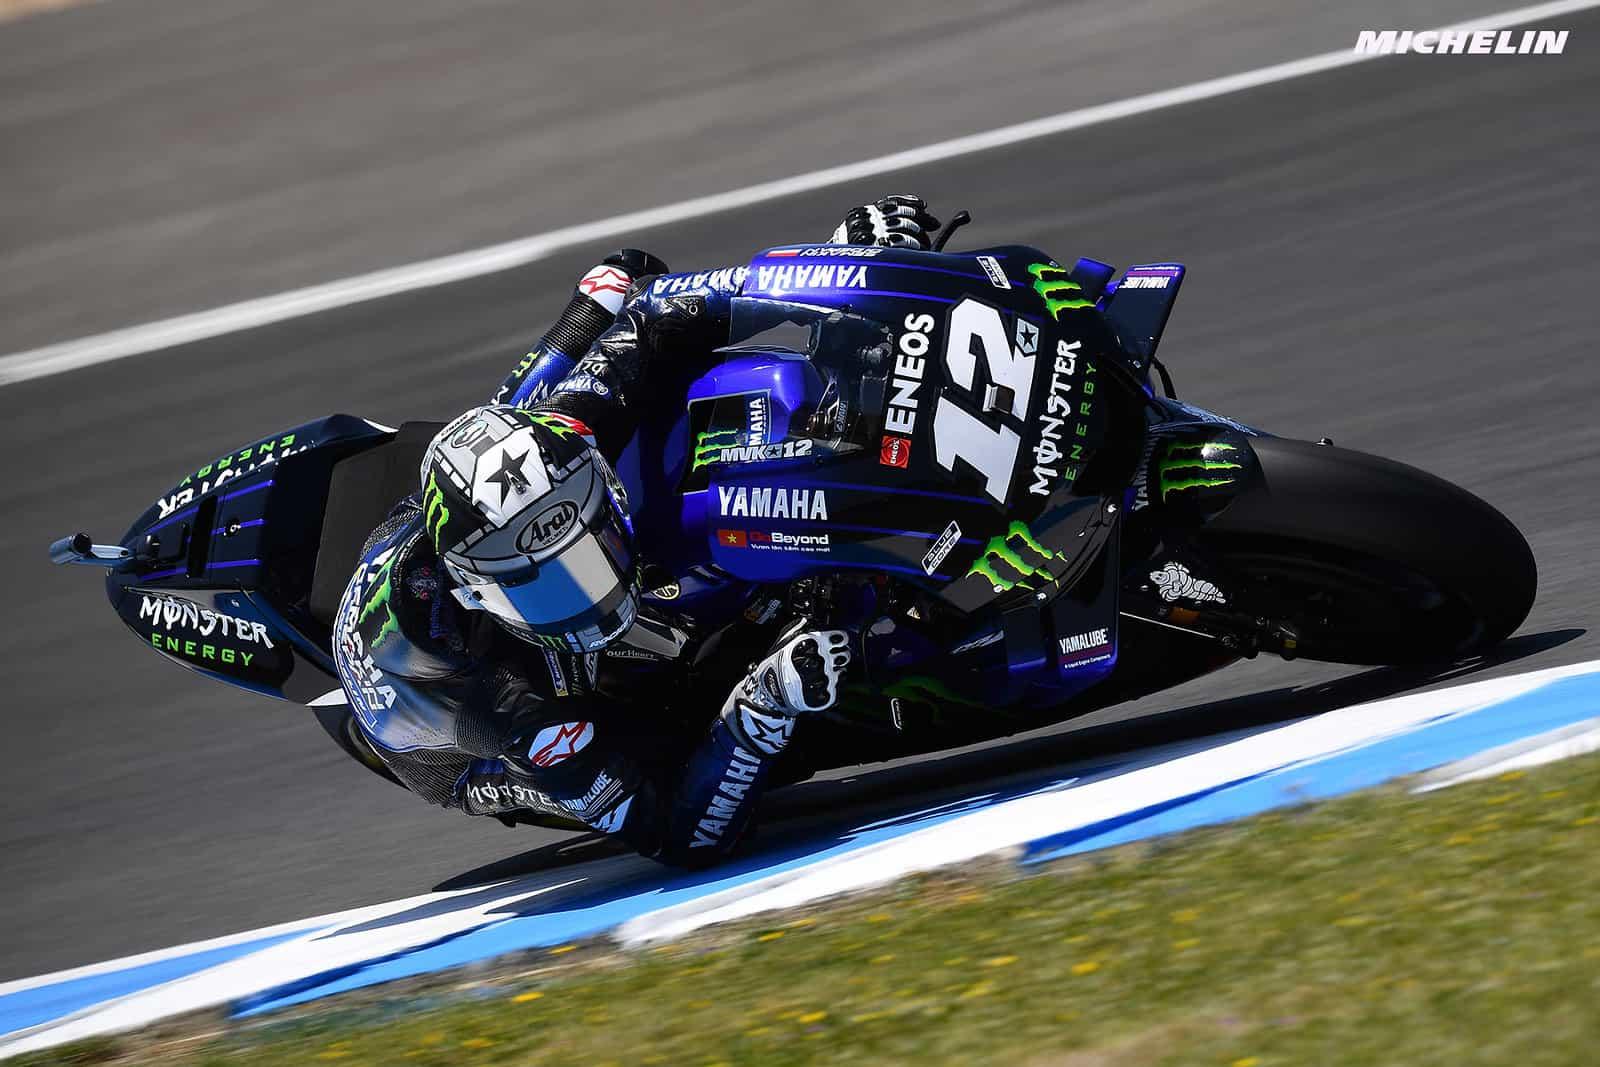 MotoGP2019フランスGP ビニャーレス「再び優勝を狙いたい」